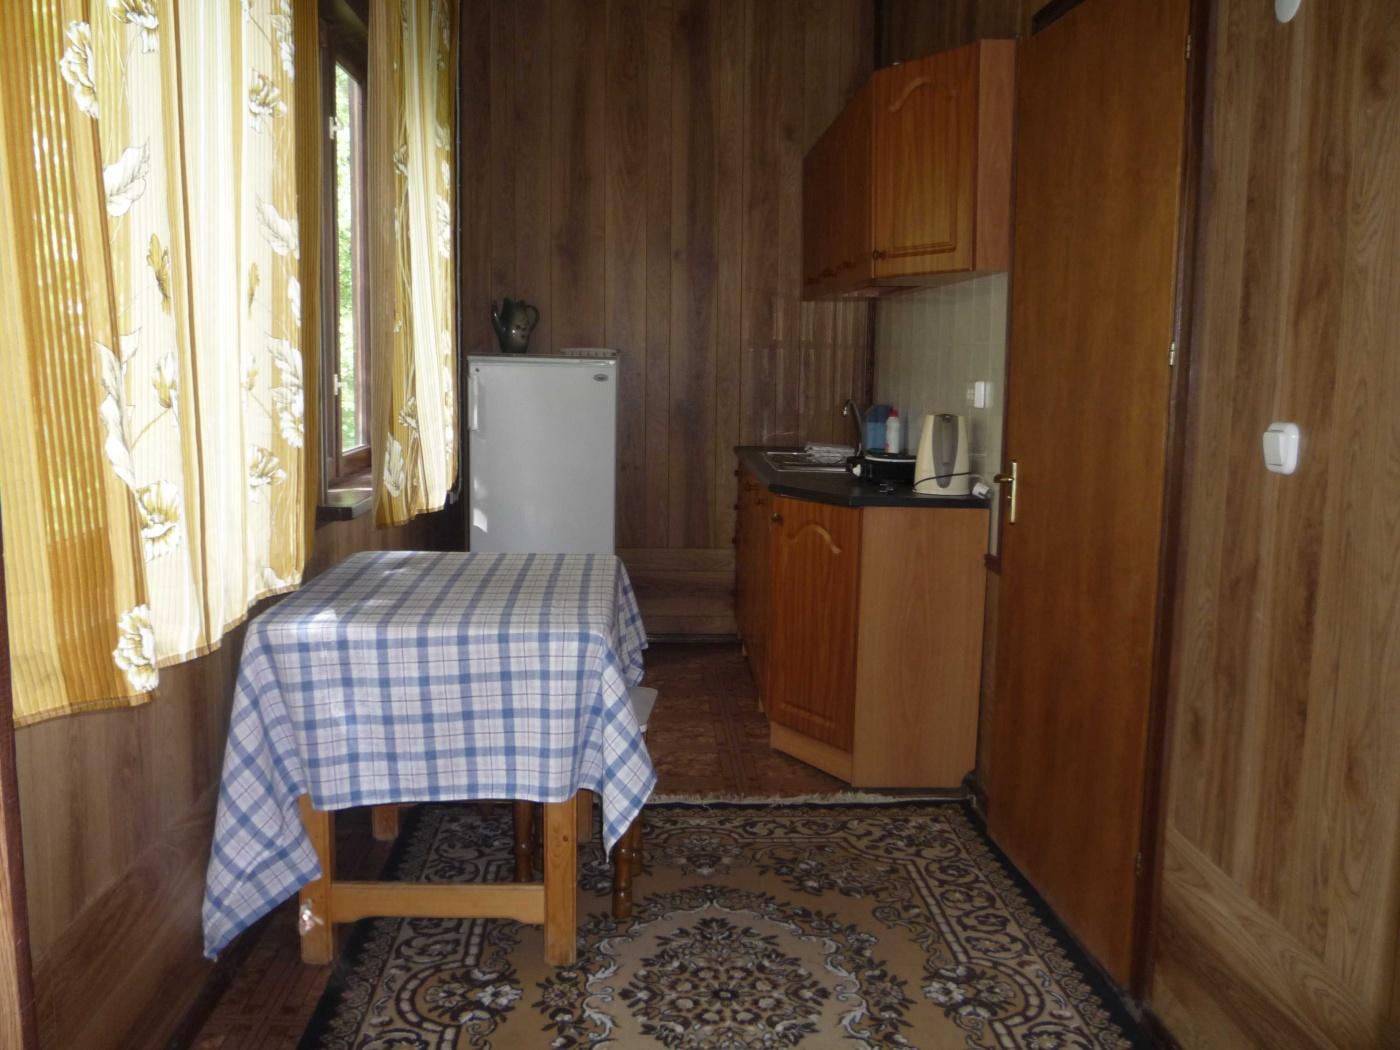 База отдыха «Парус» Астраханская область Домик № 3 («Полярный»), фото 9